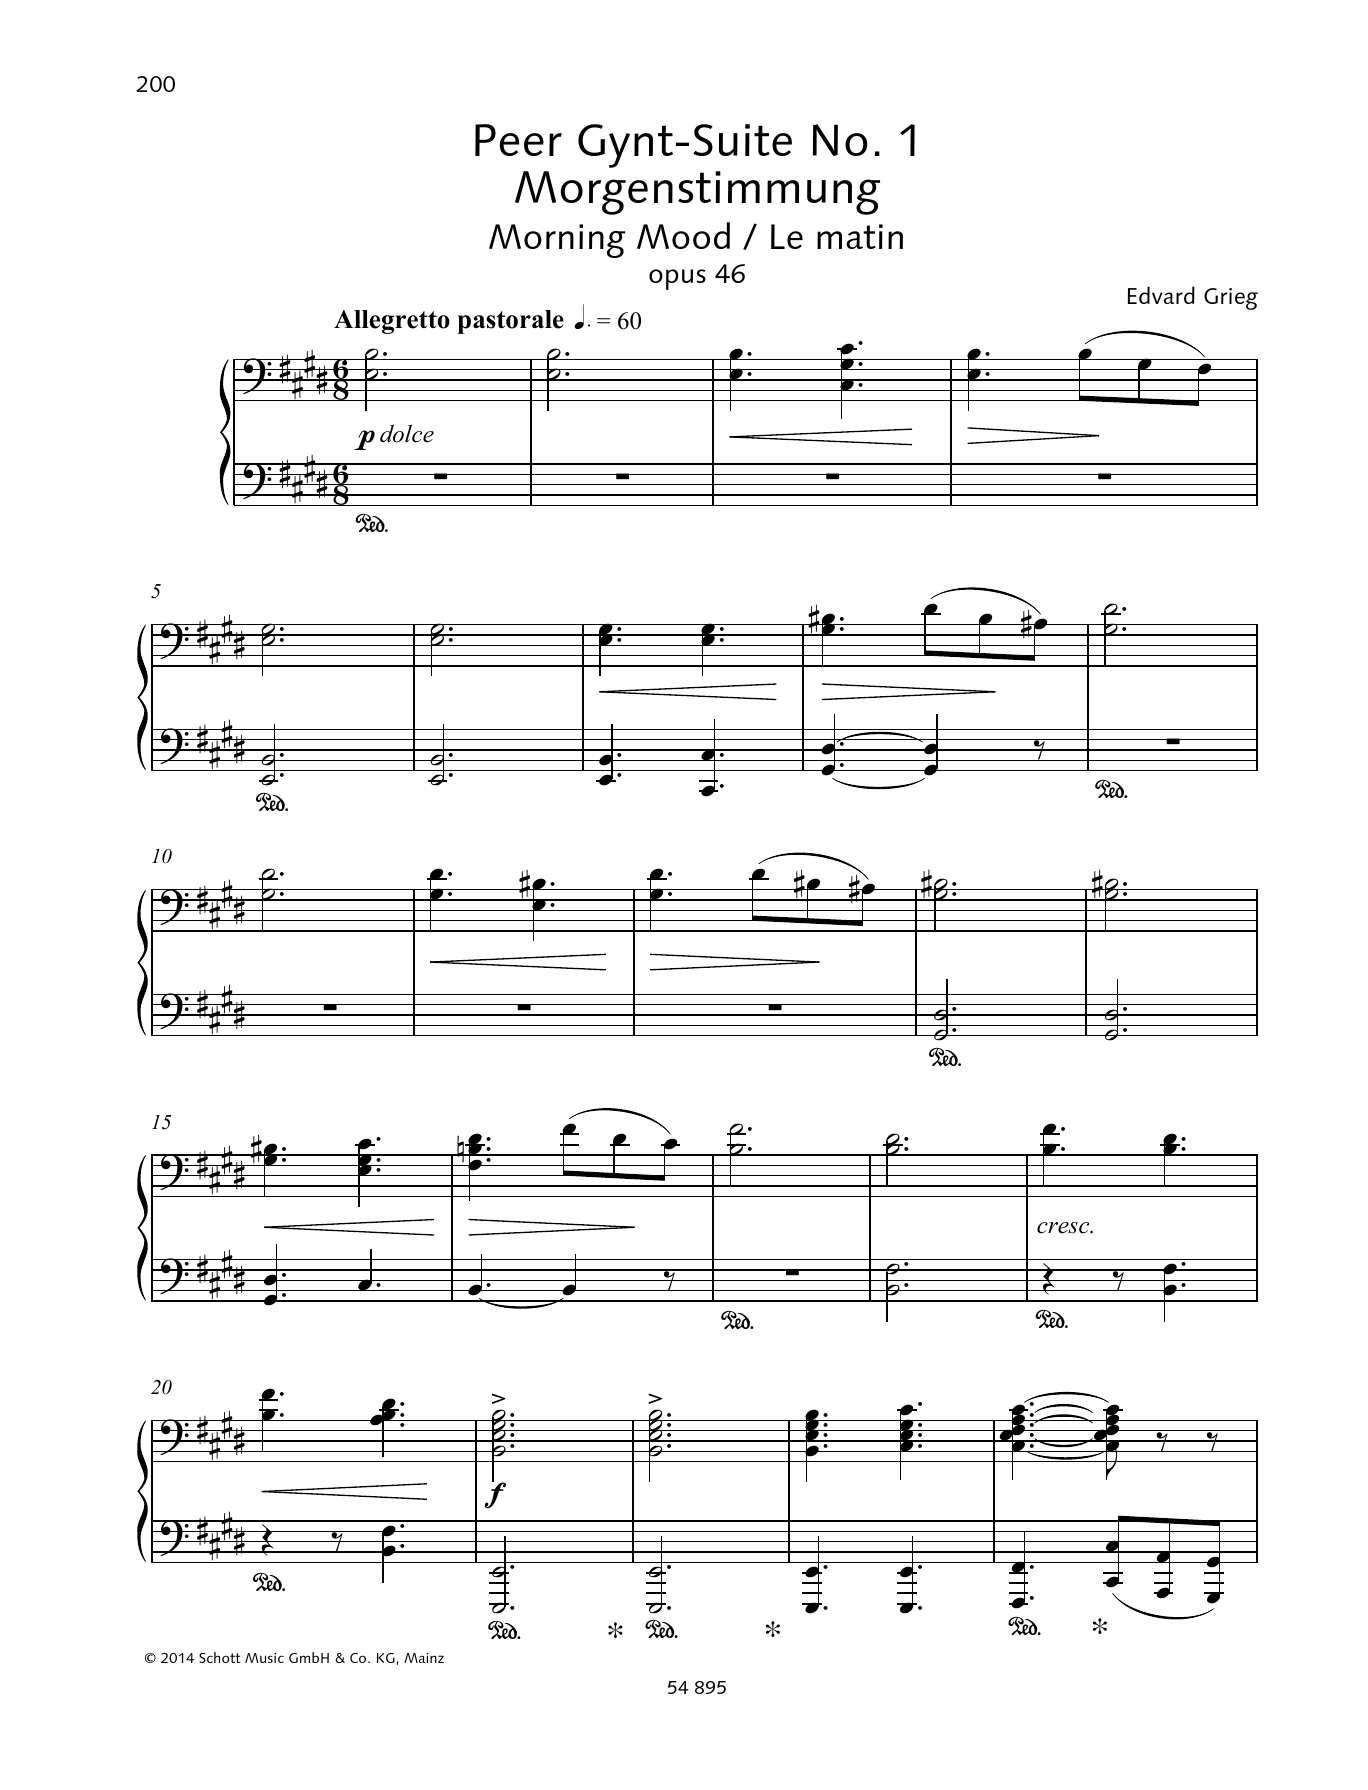 Peer-Gynt-Suite No. 1 Sheet Music